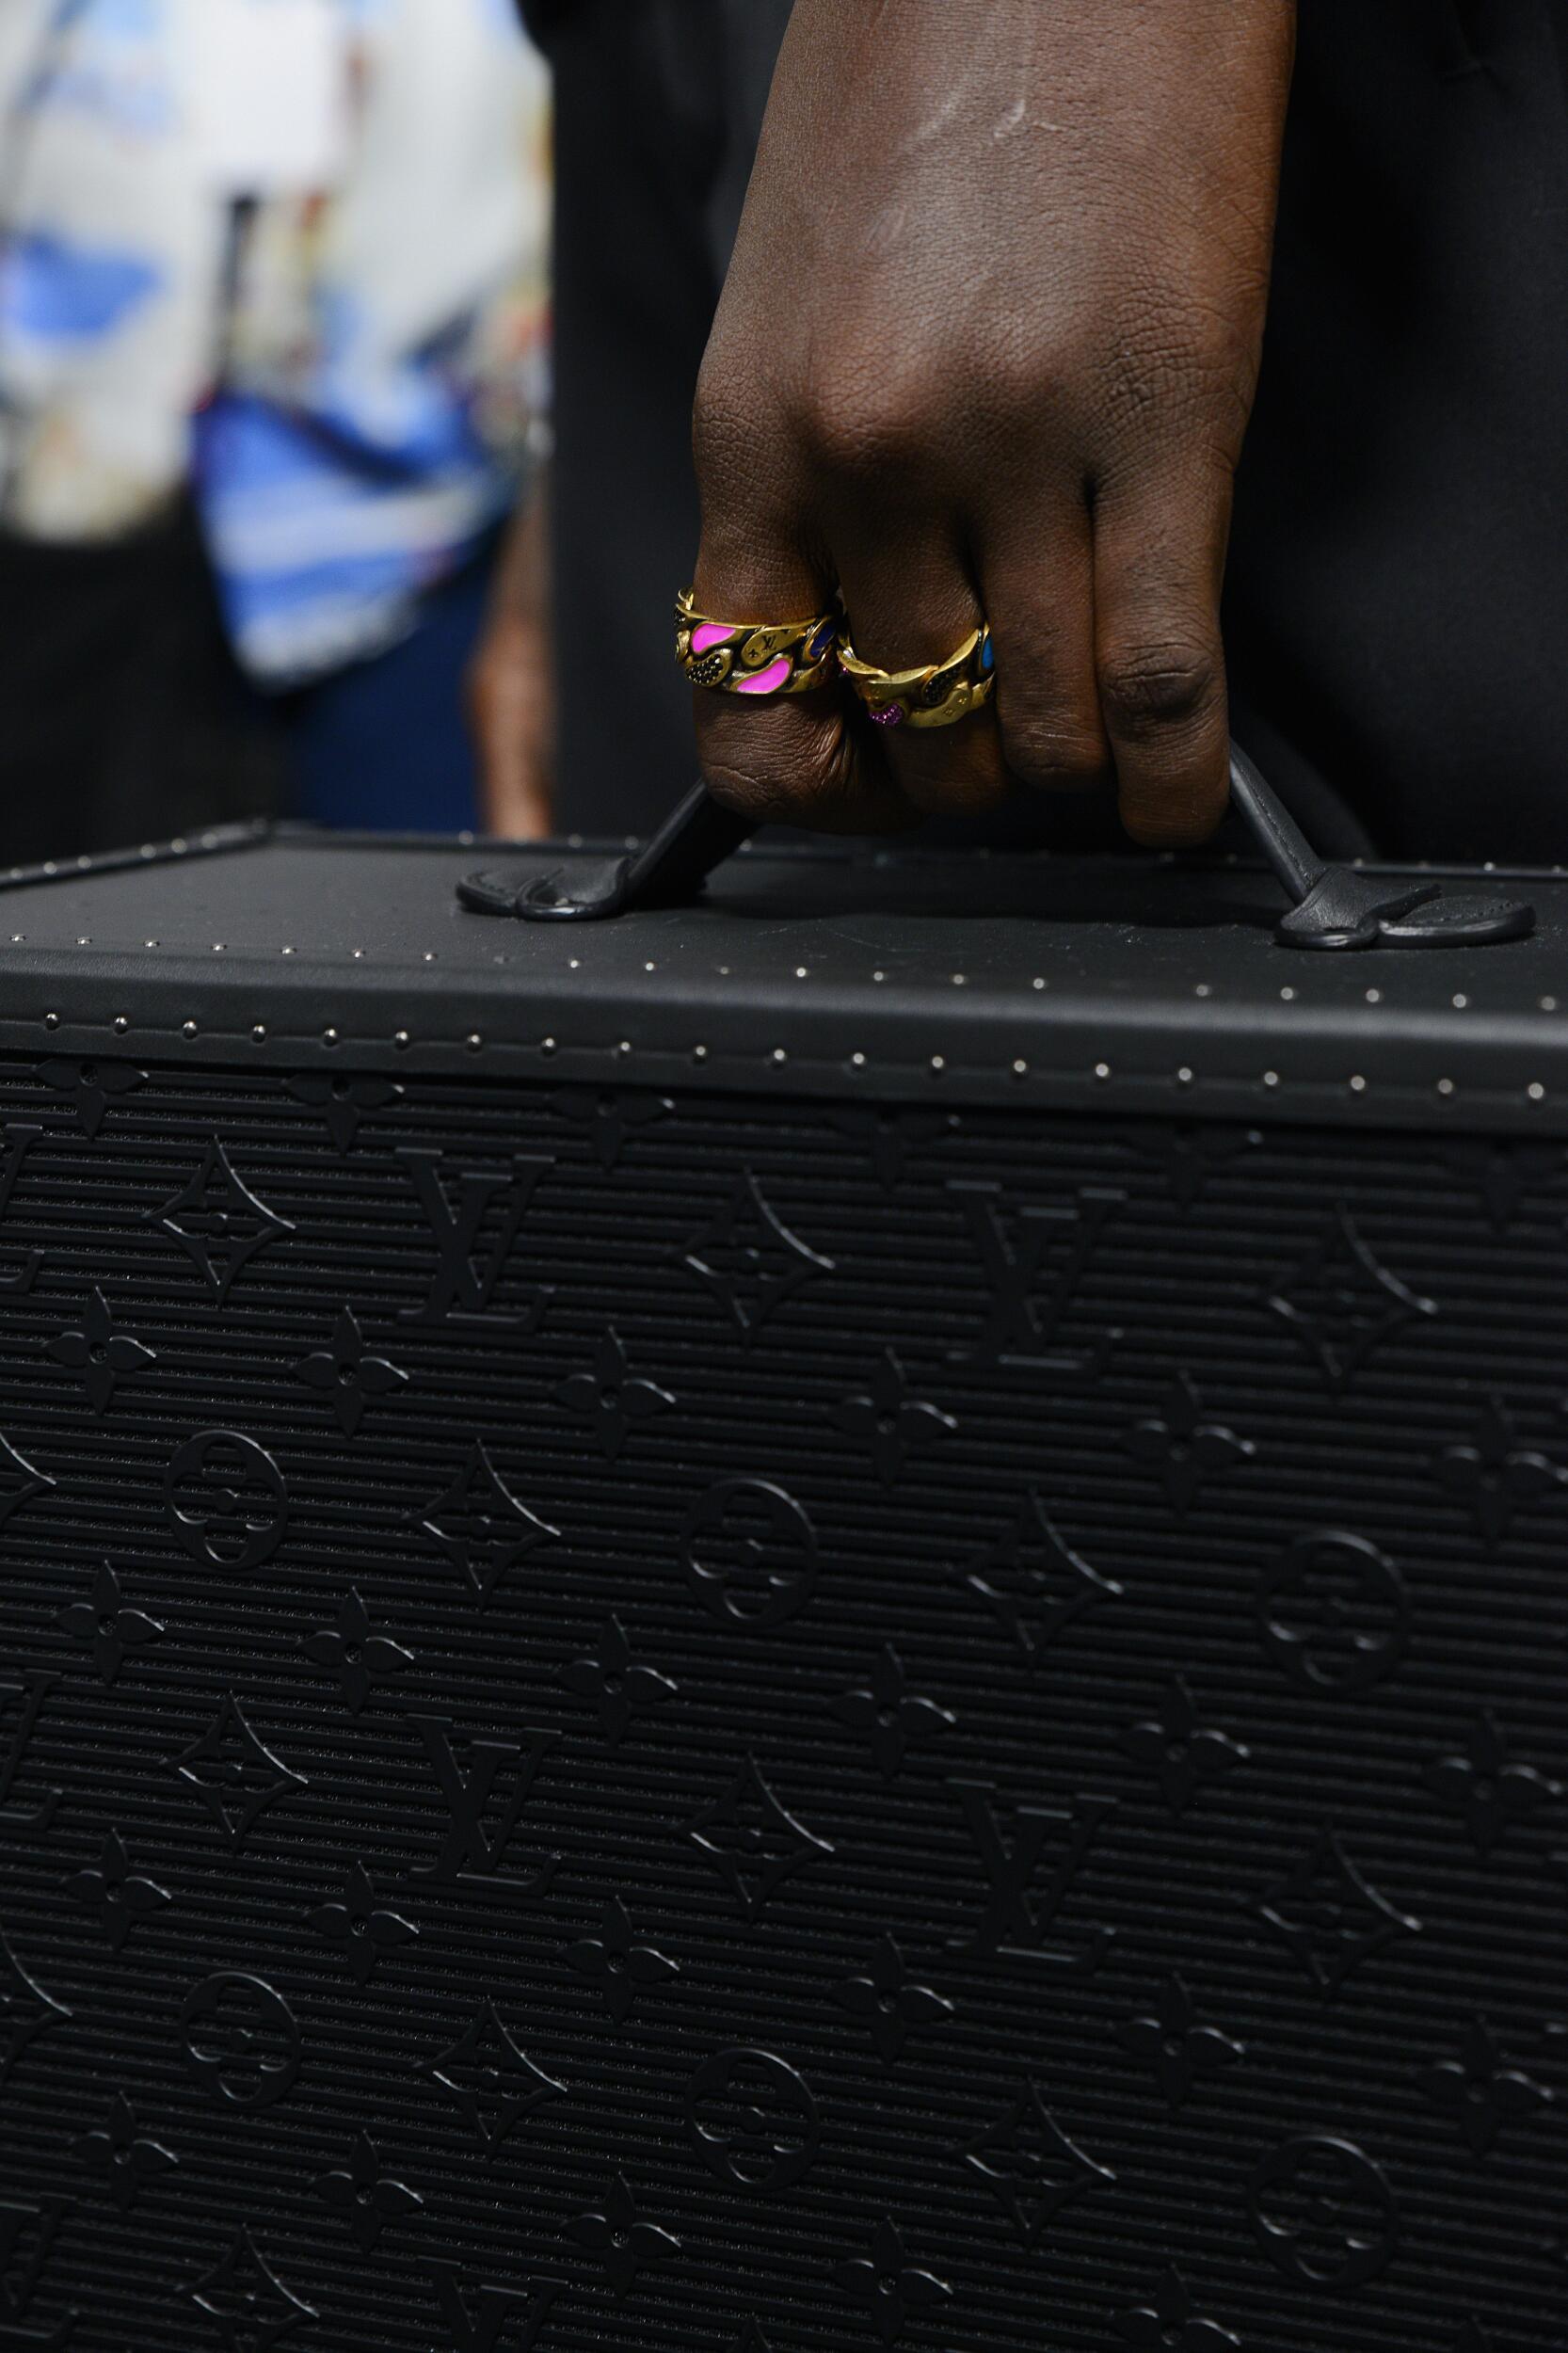 Backstage Louis Vuitton Bag Detail 2020